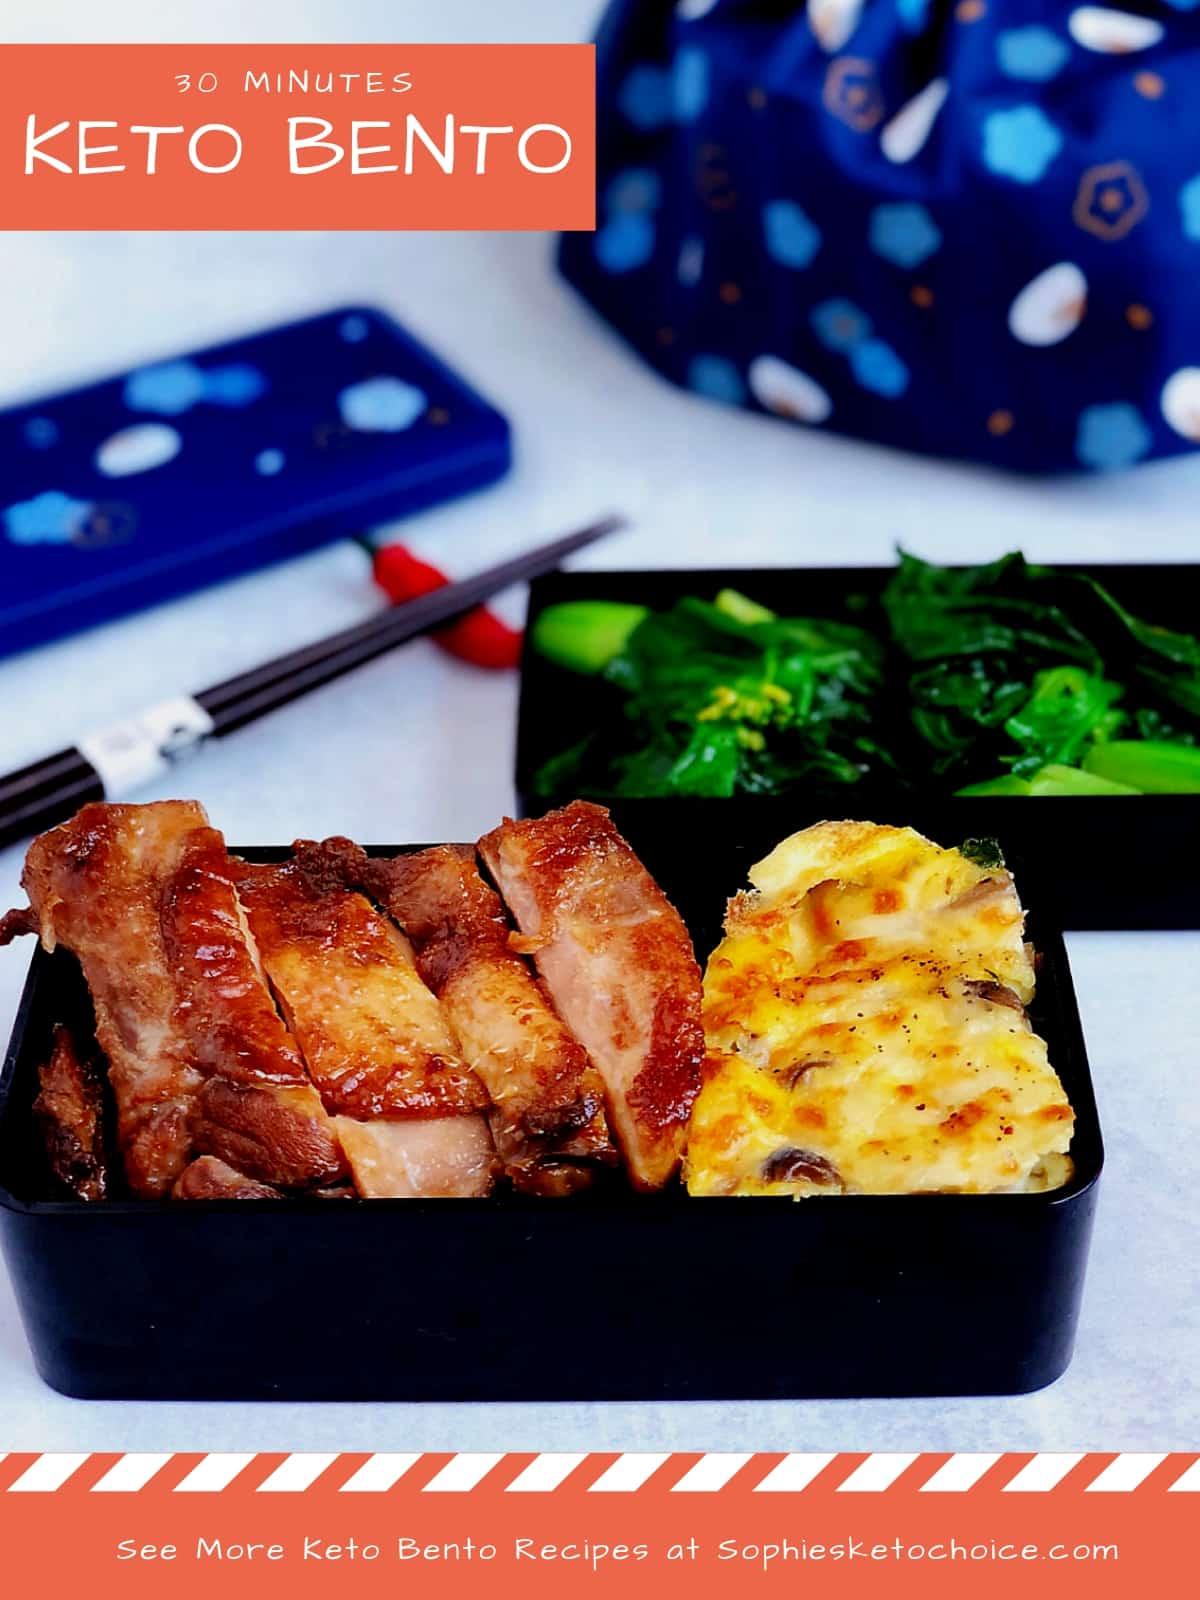 生酮便當食譜特輯 (四) -香煎雞腿排、 蔬菜烤蛋、蒜炒芥蘭